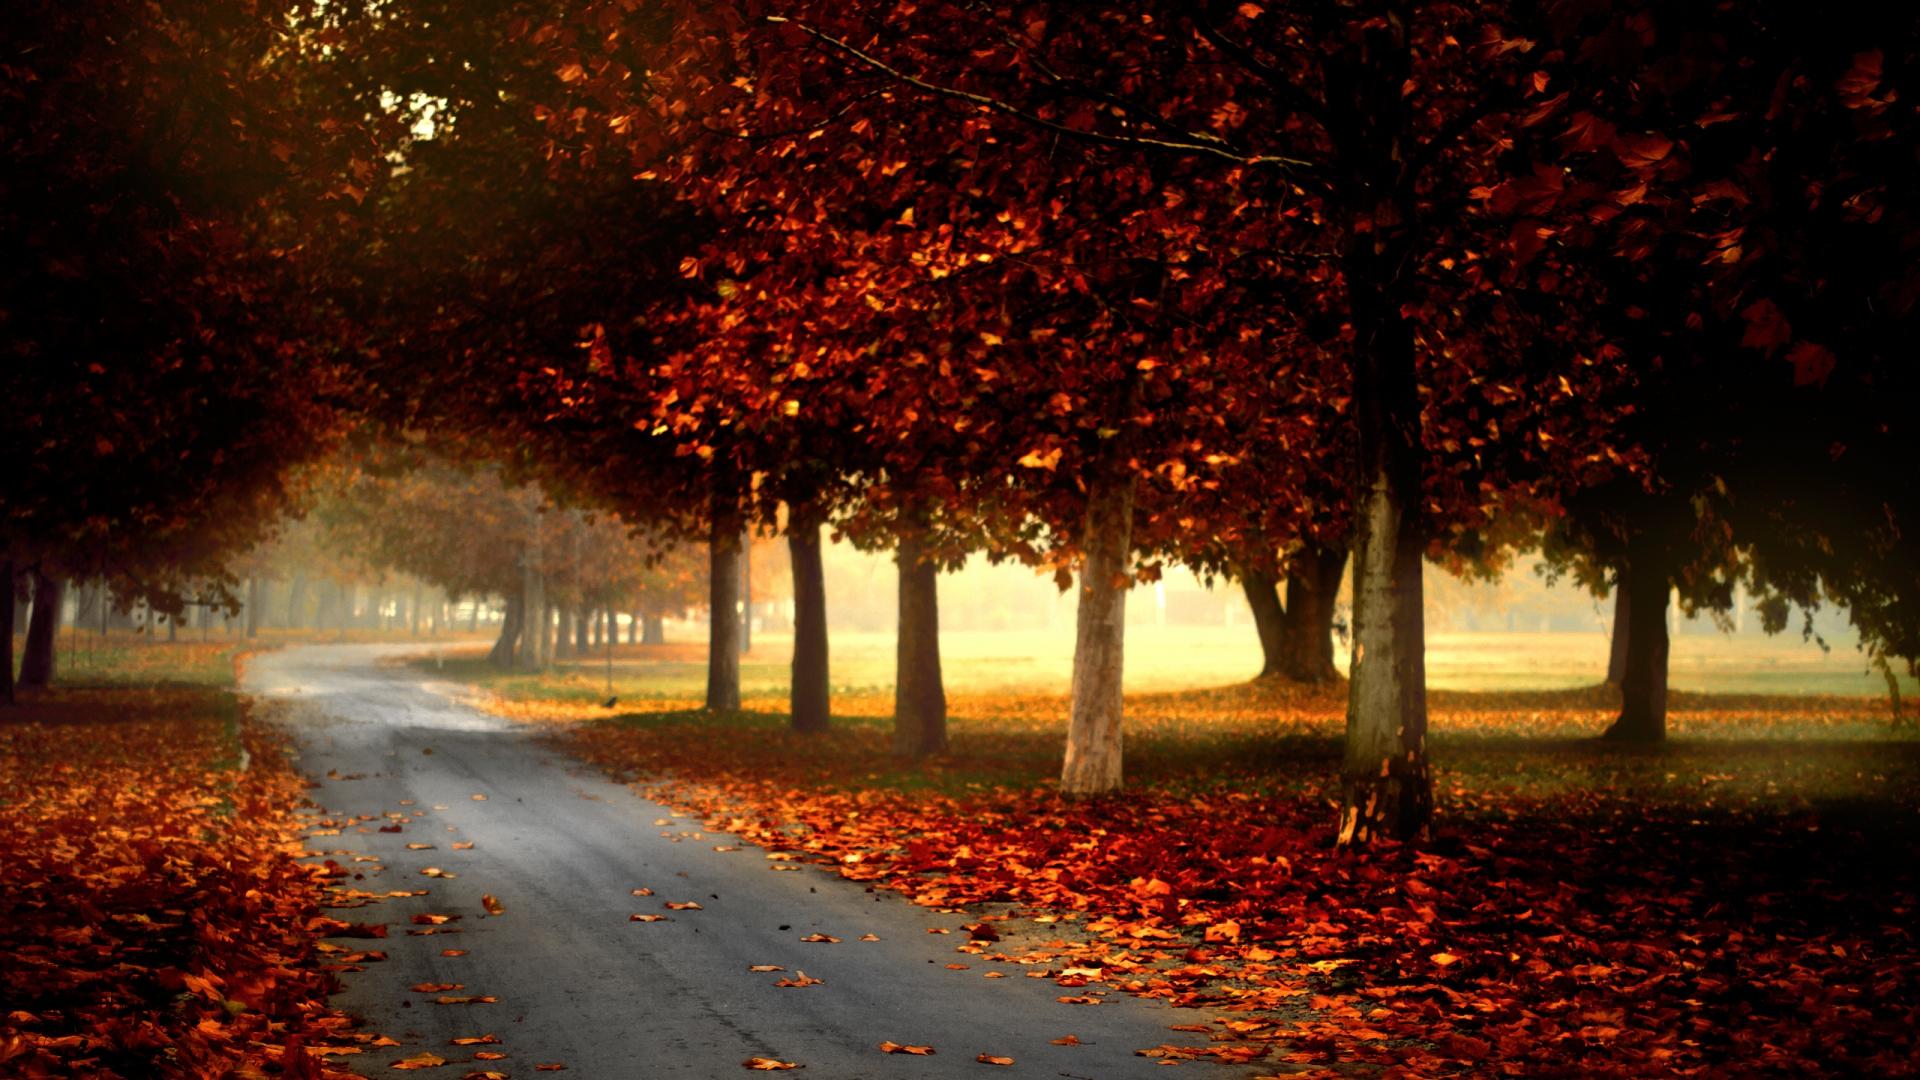 Hình nền mùa thu Autumnbeauty58